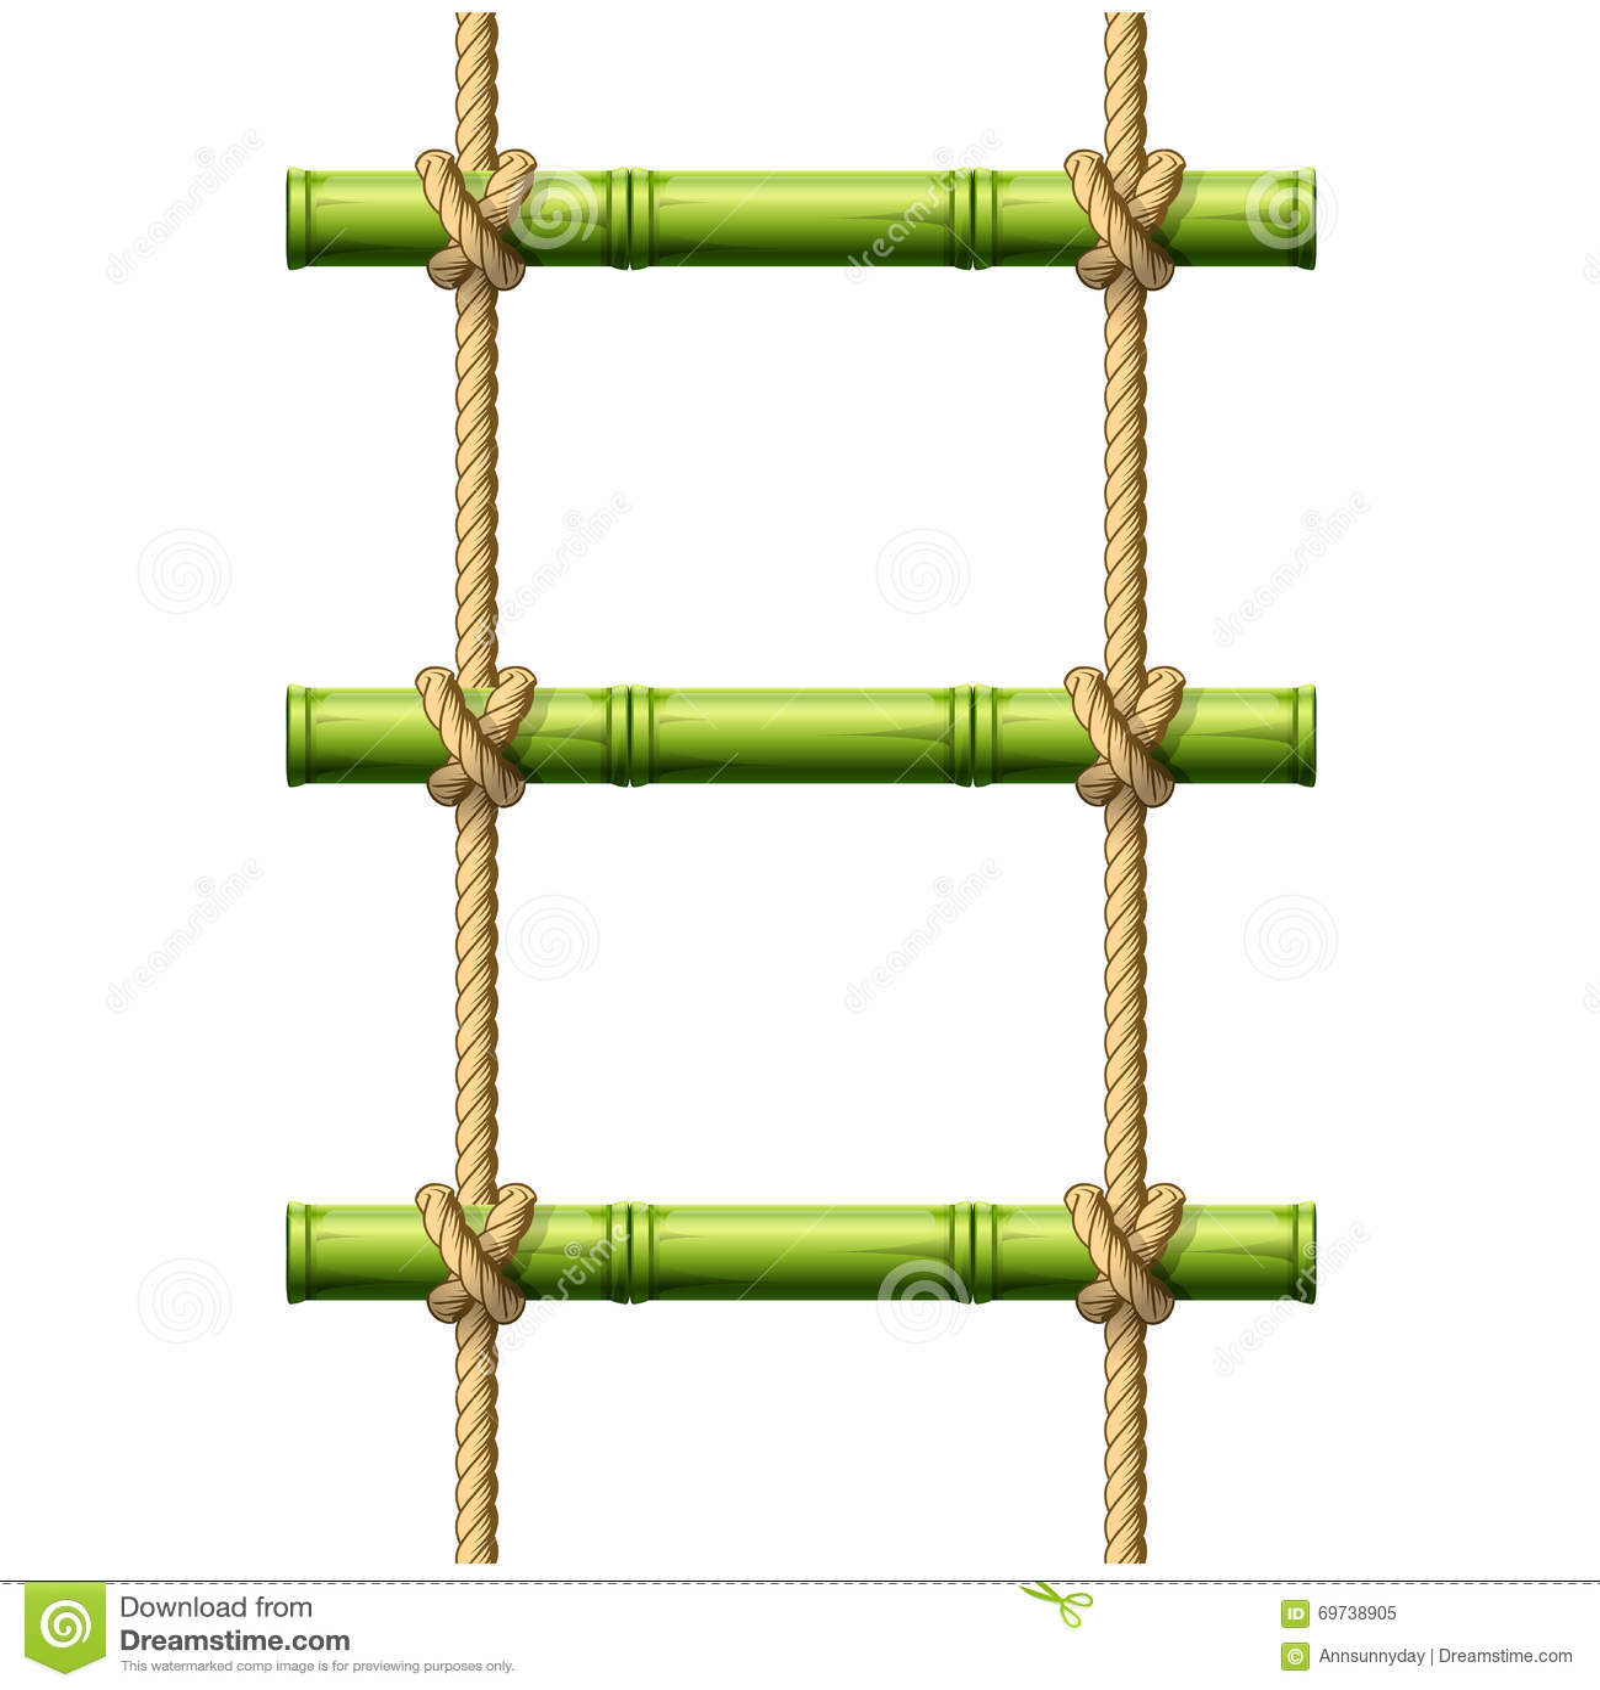 Escalera de cuerda de bamb ilustraci n del vector - Escalera de bambu ...